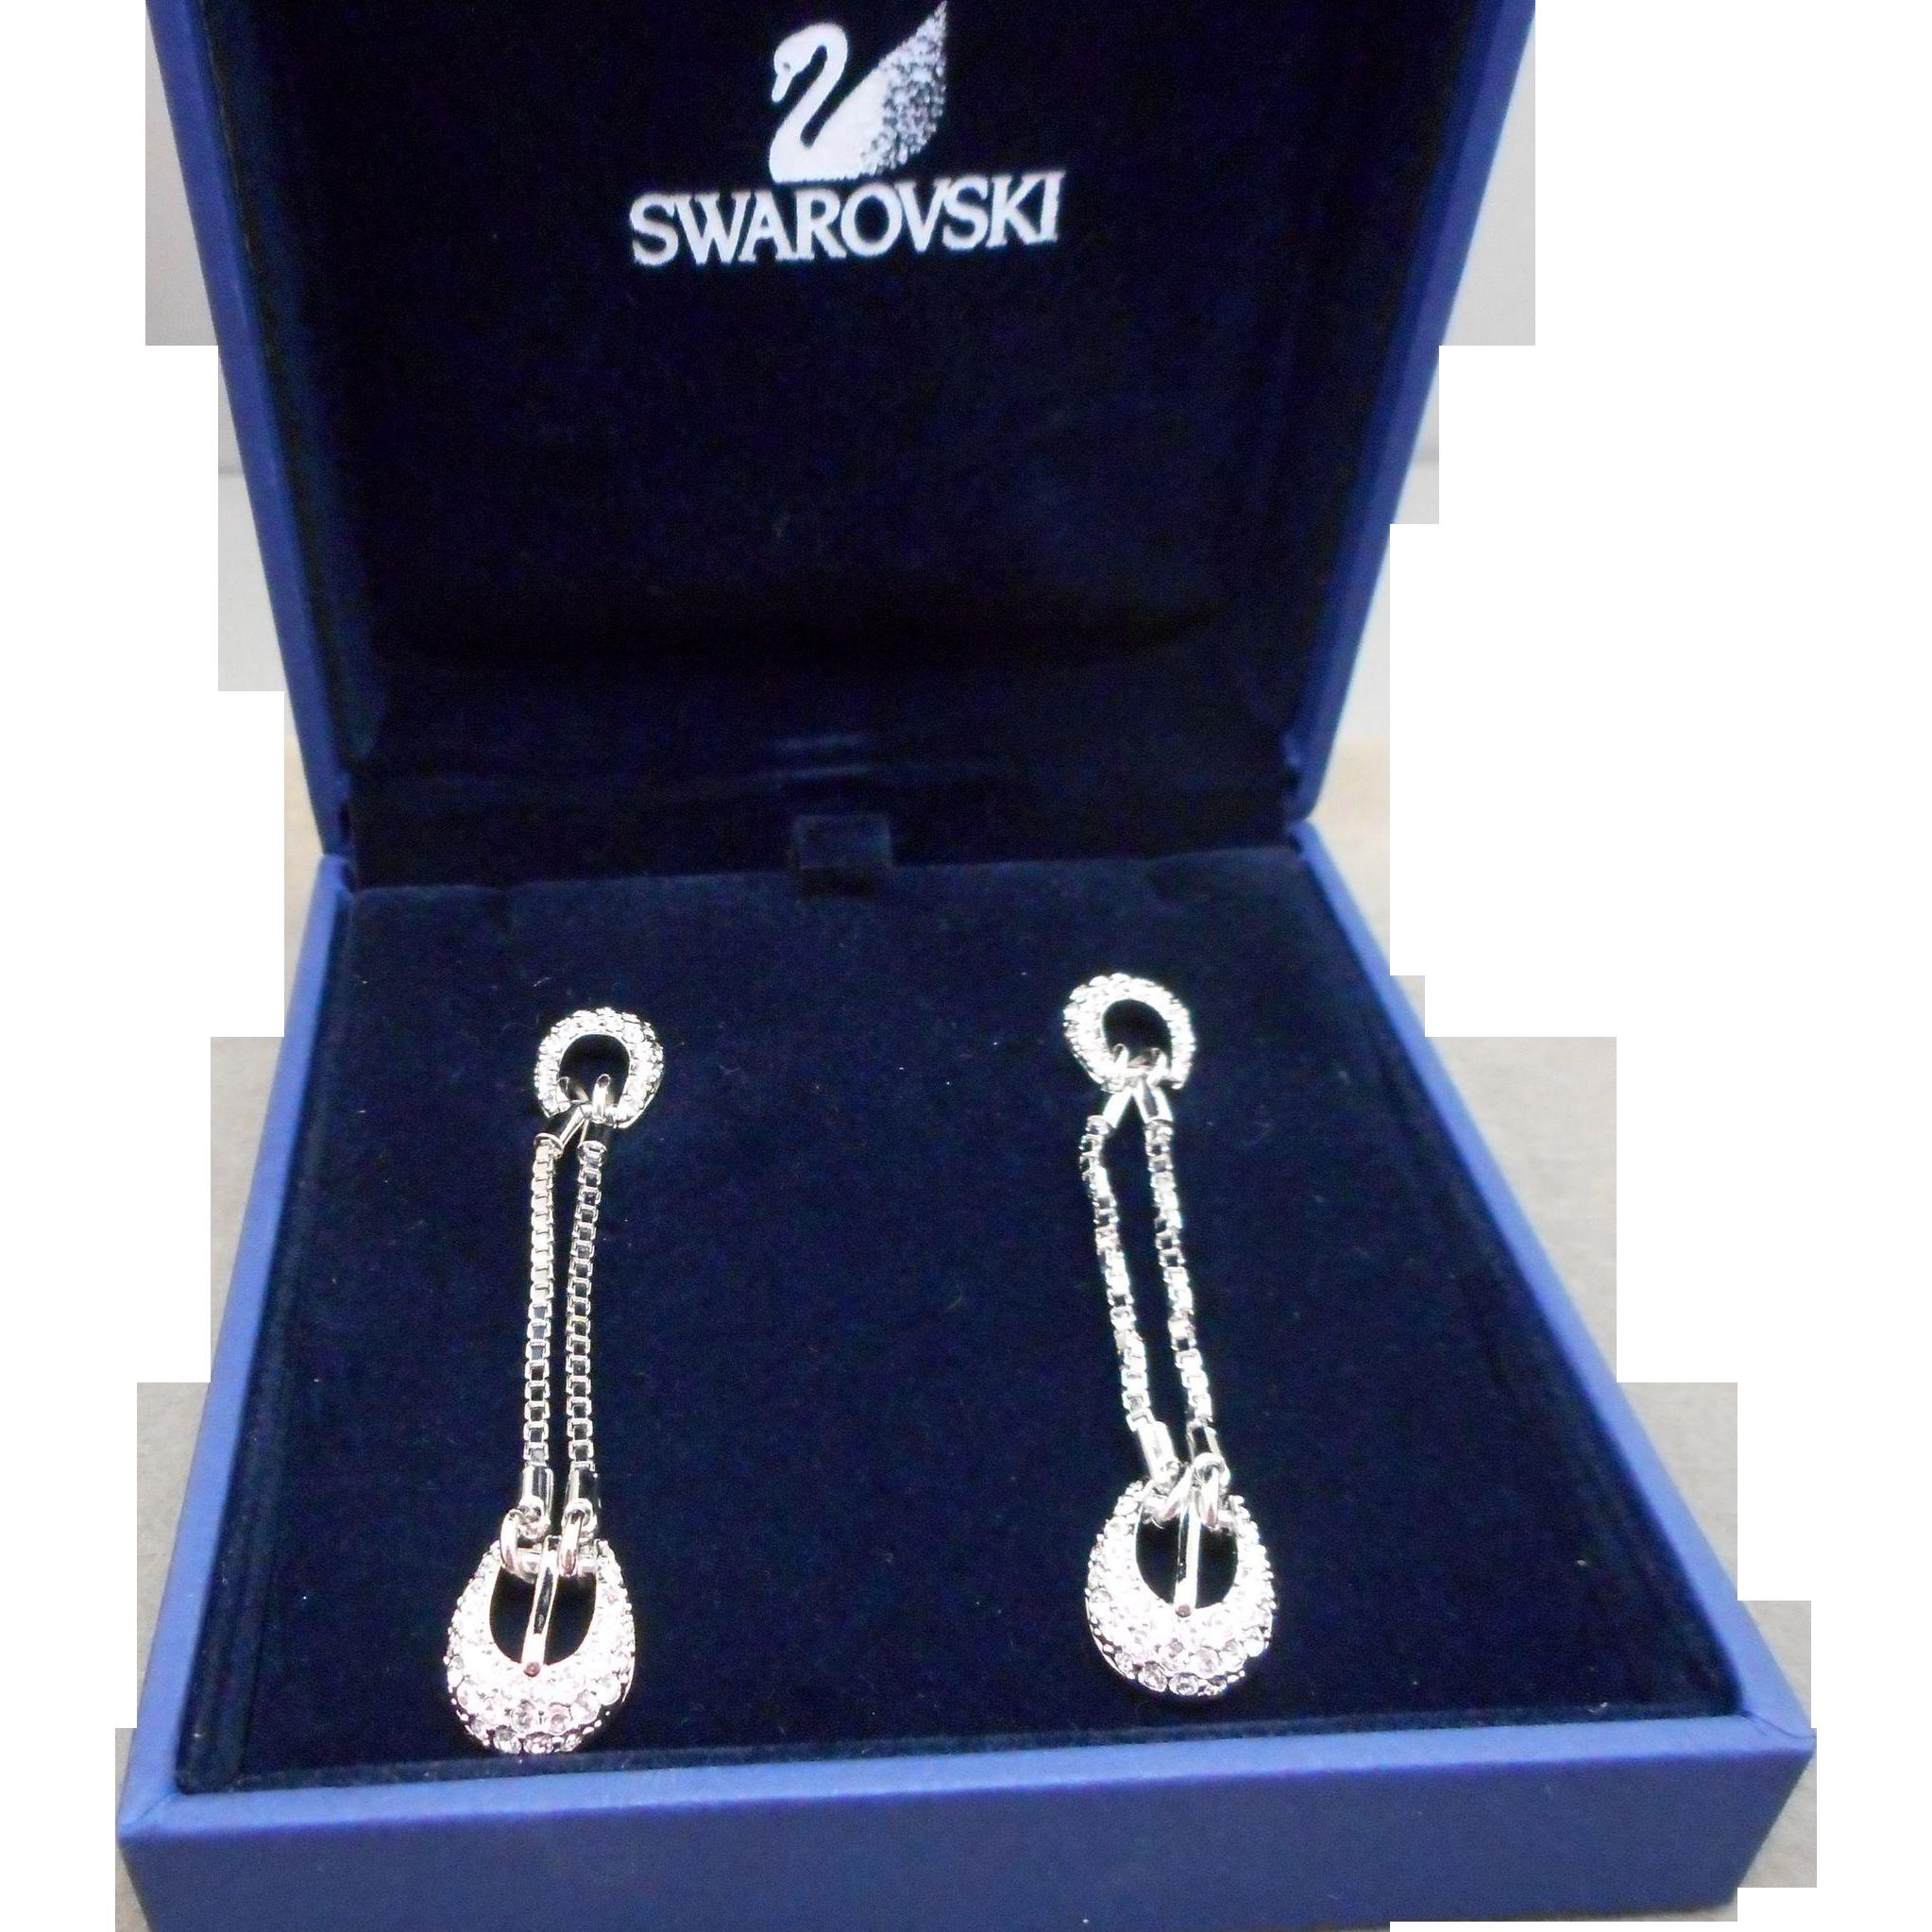 Swarovski Buckle Earrings